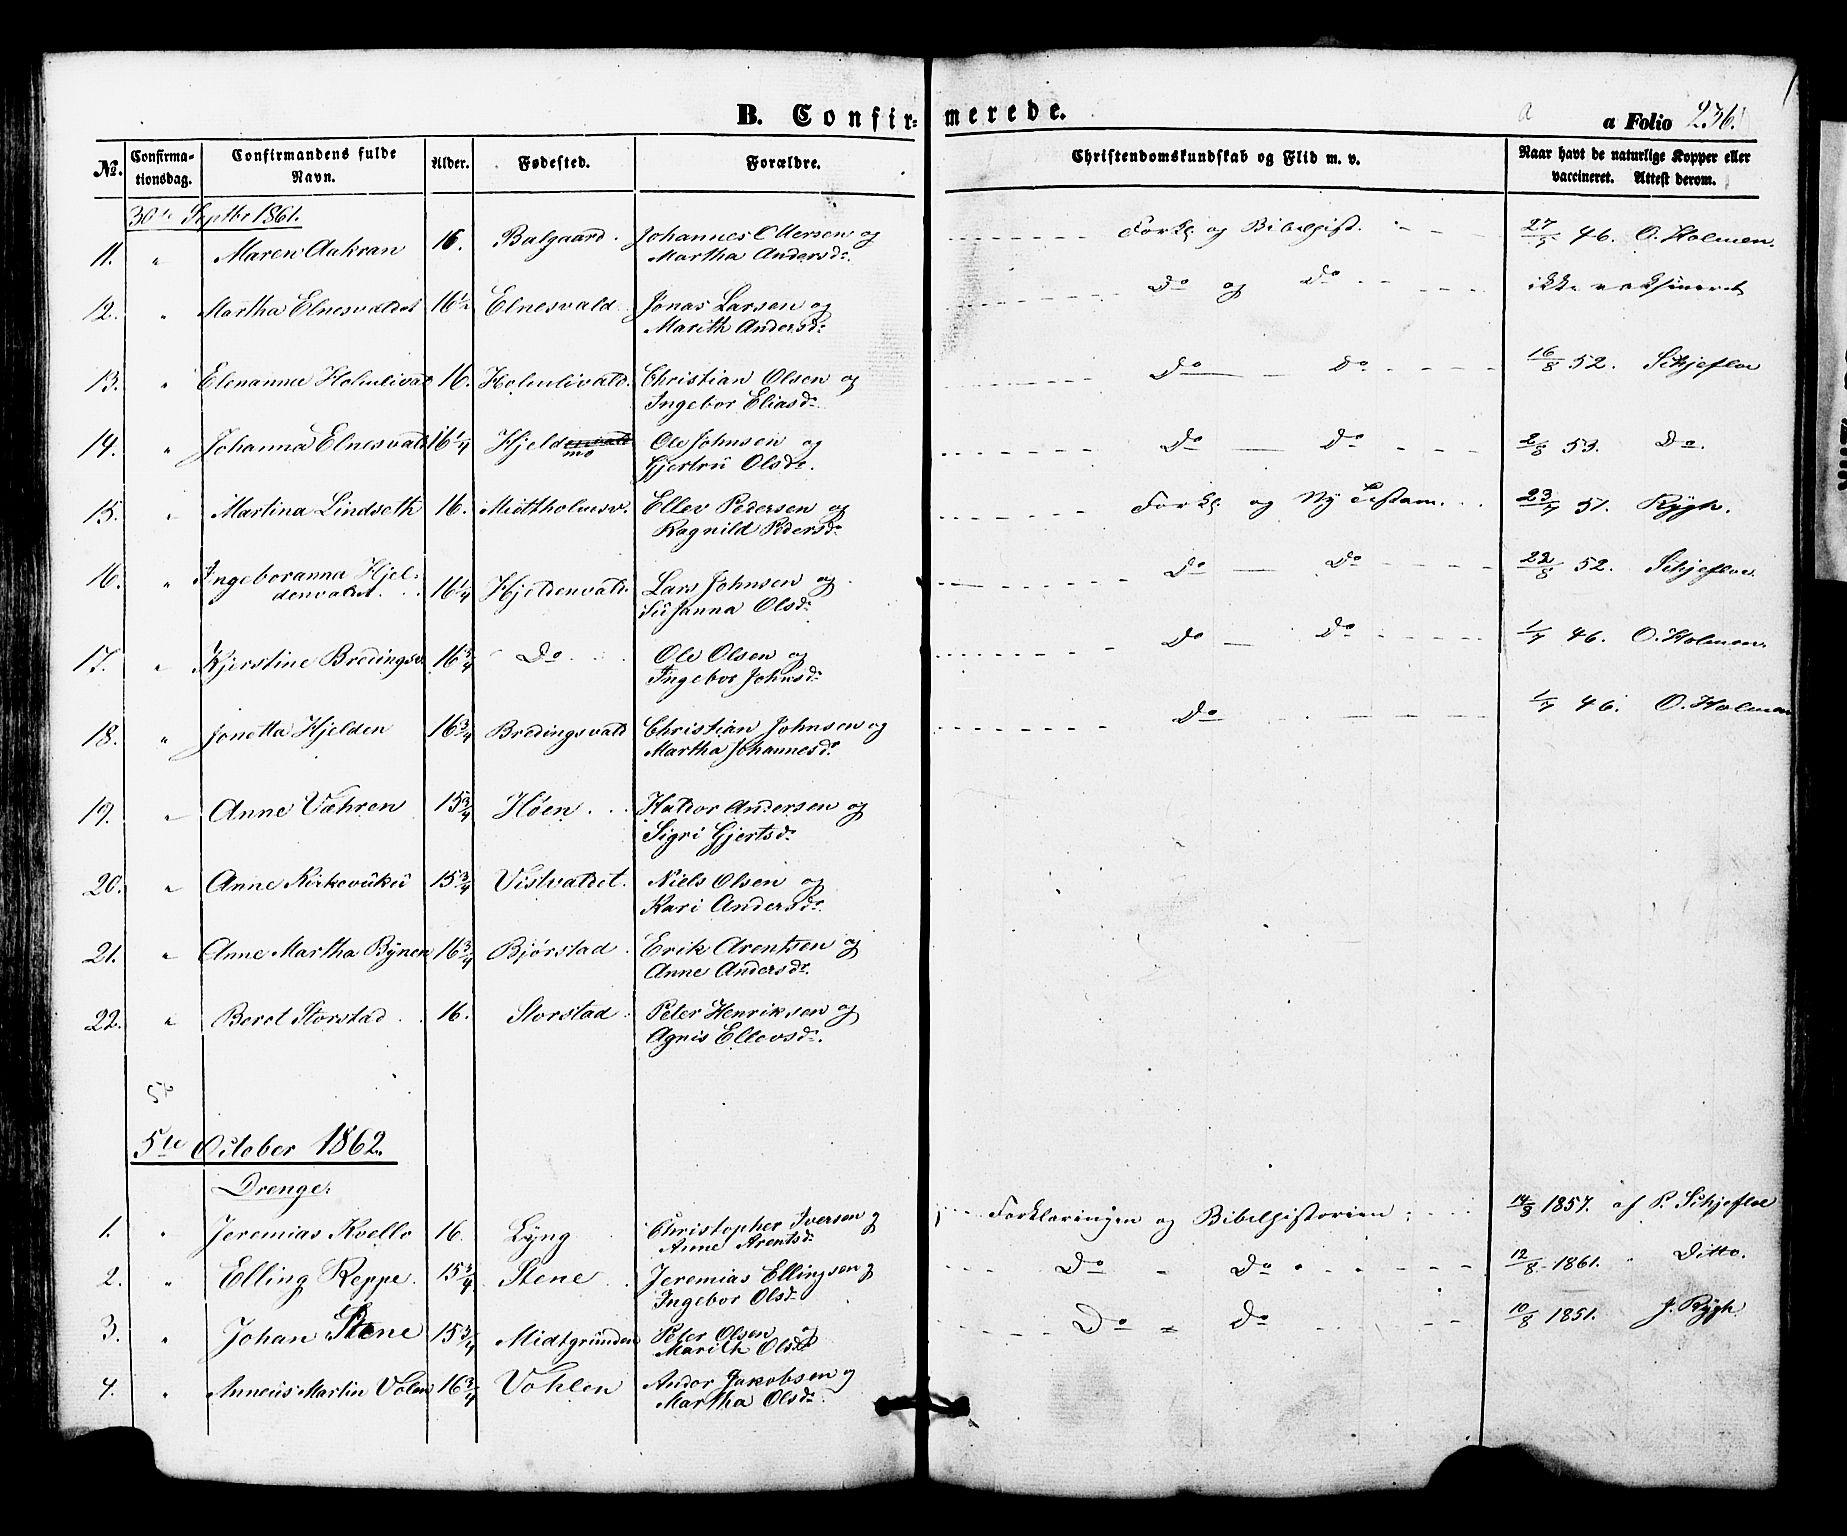 SAT, Ministerialprotokoller, klokkerbøker og fødselsregistre - Nord-Trøndelag, 724/L0268: Klokkerbok nr. 724C04, 1846-1878, s. 236